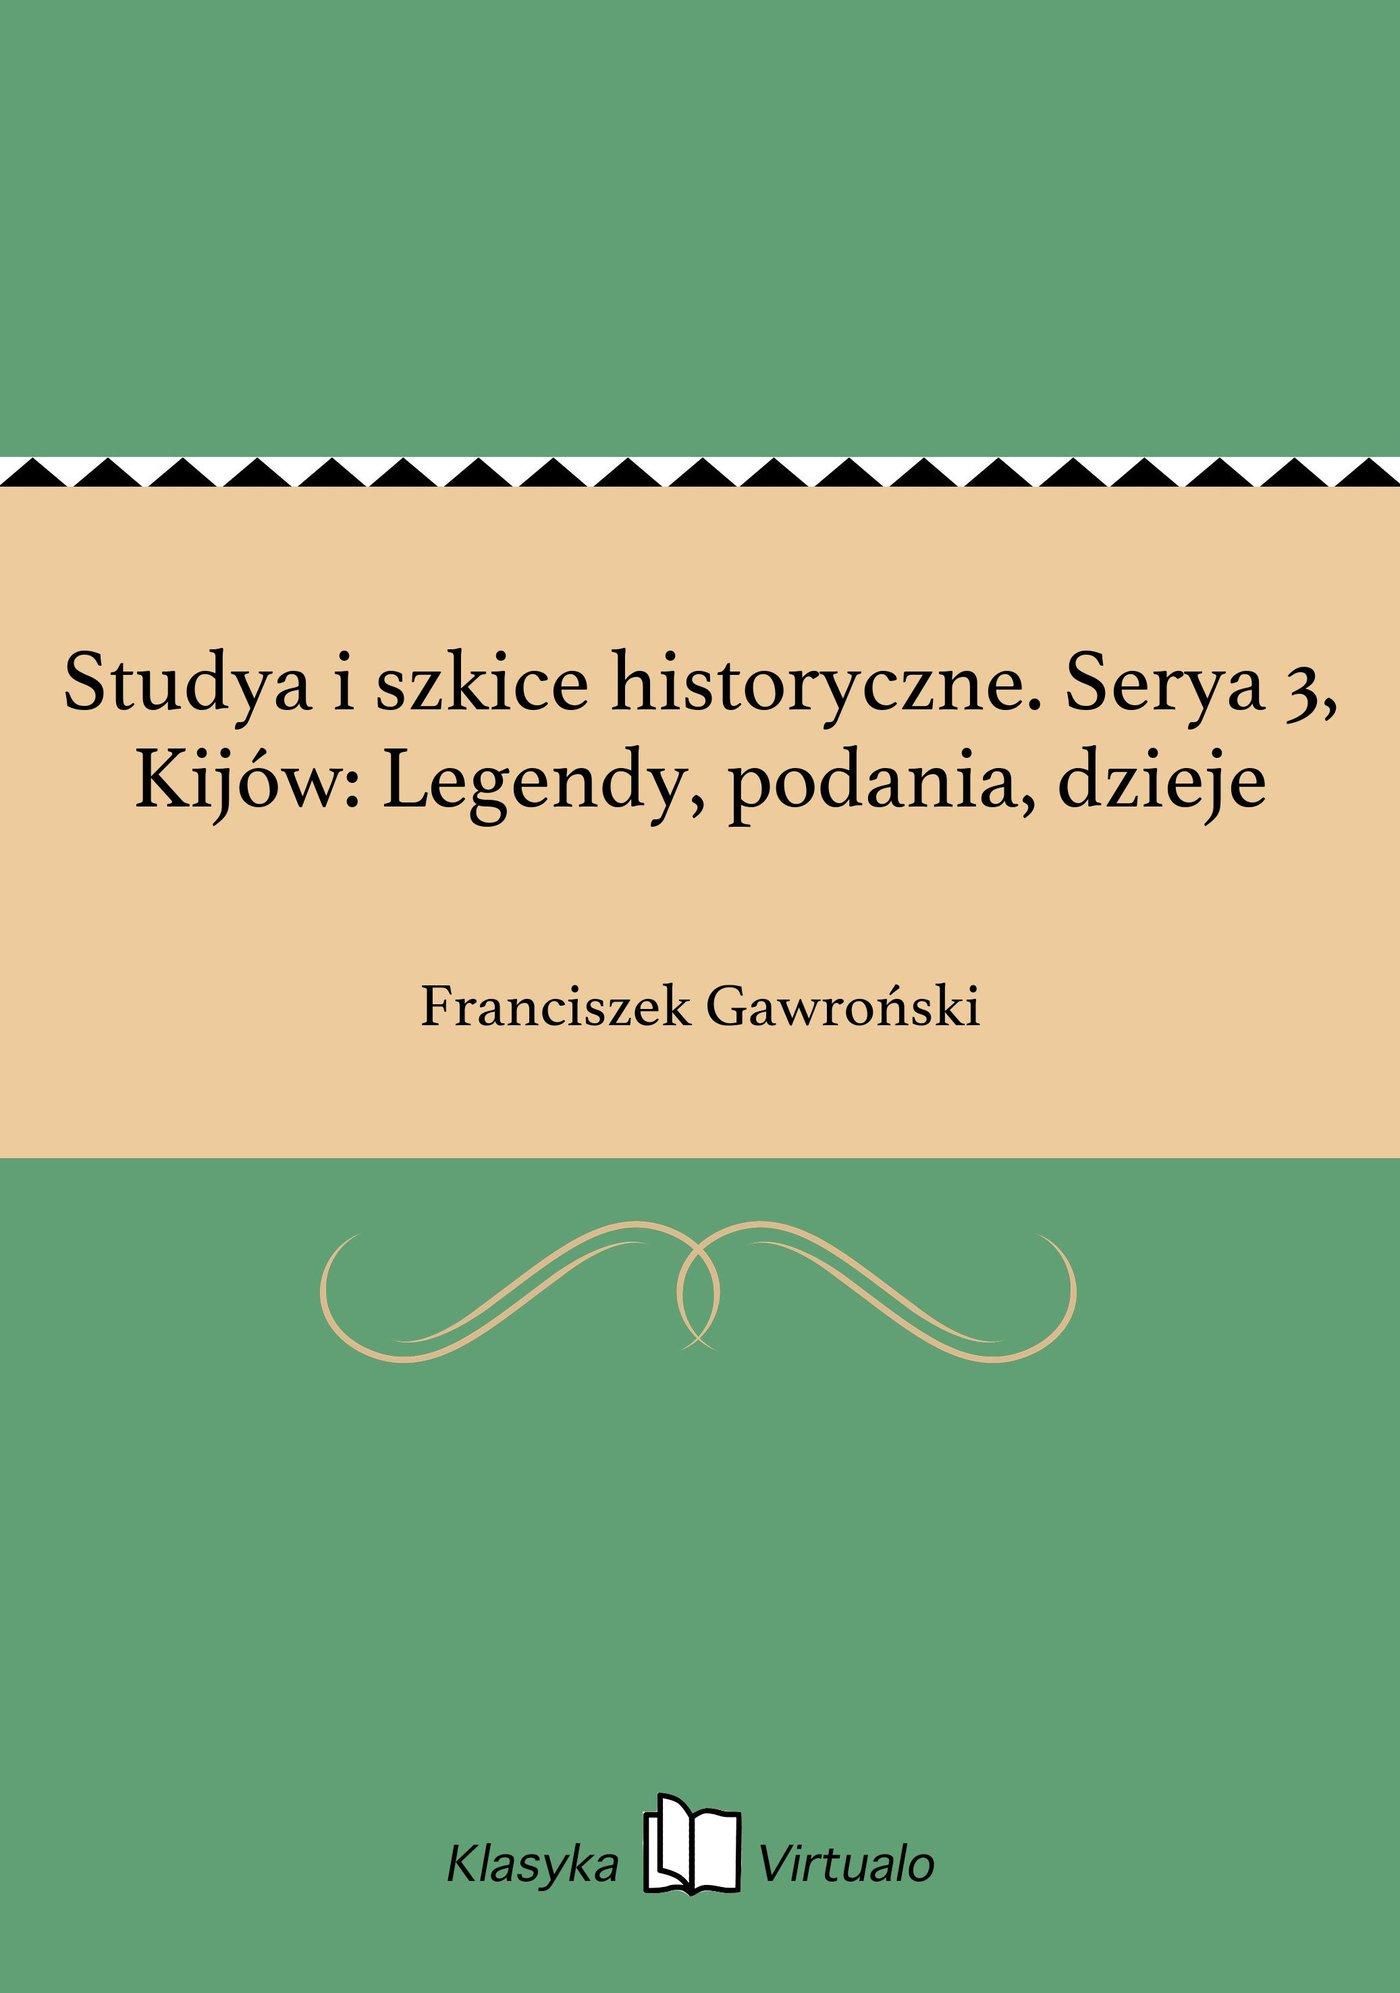 Studya i szkice historyczne. Serya 3, Kijów: Legendy, podania, dzieje - Ebook (Książka EPUB) do pobrania w formacie EPUB